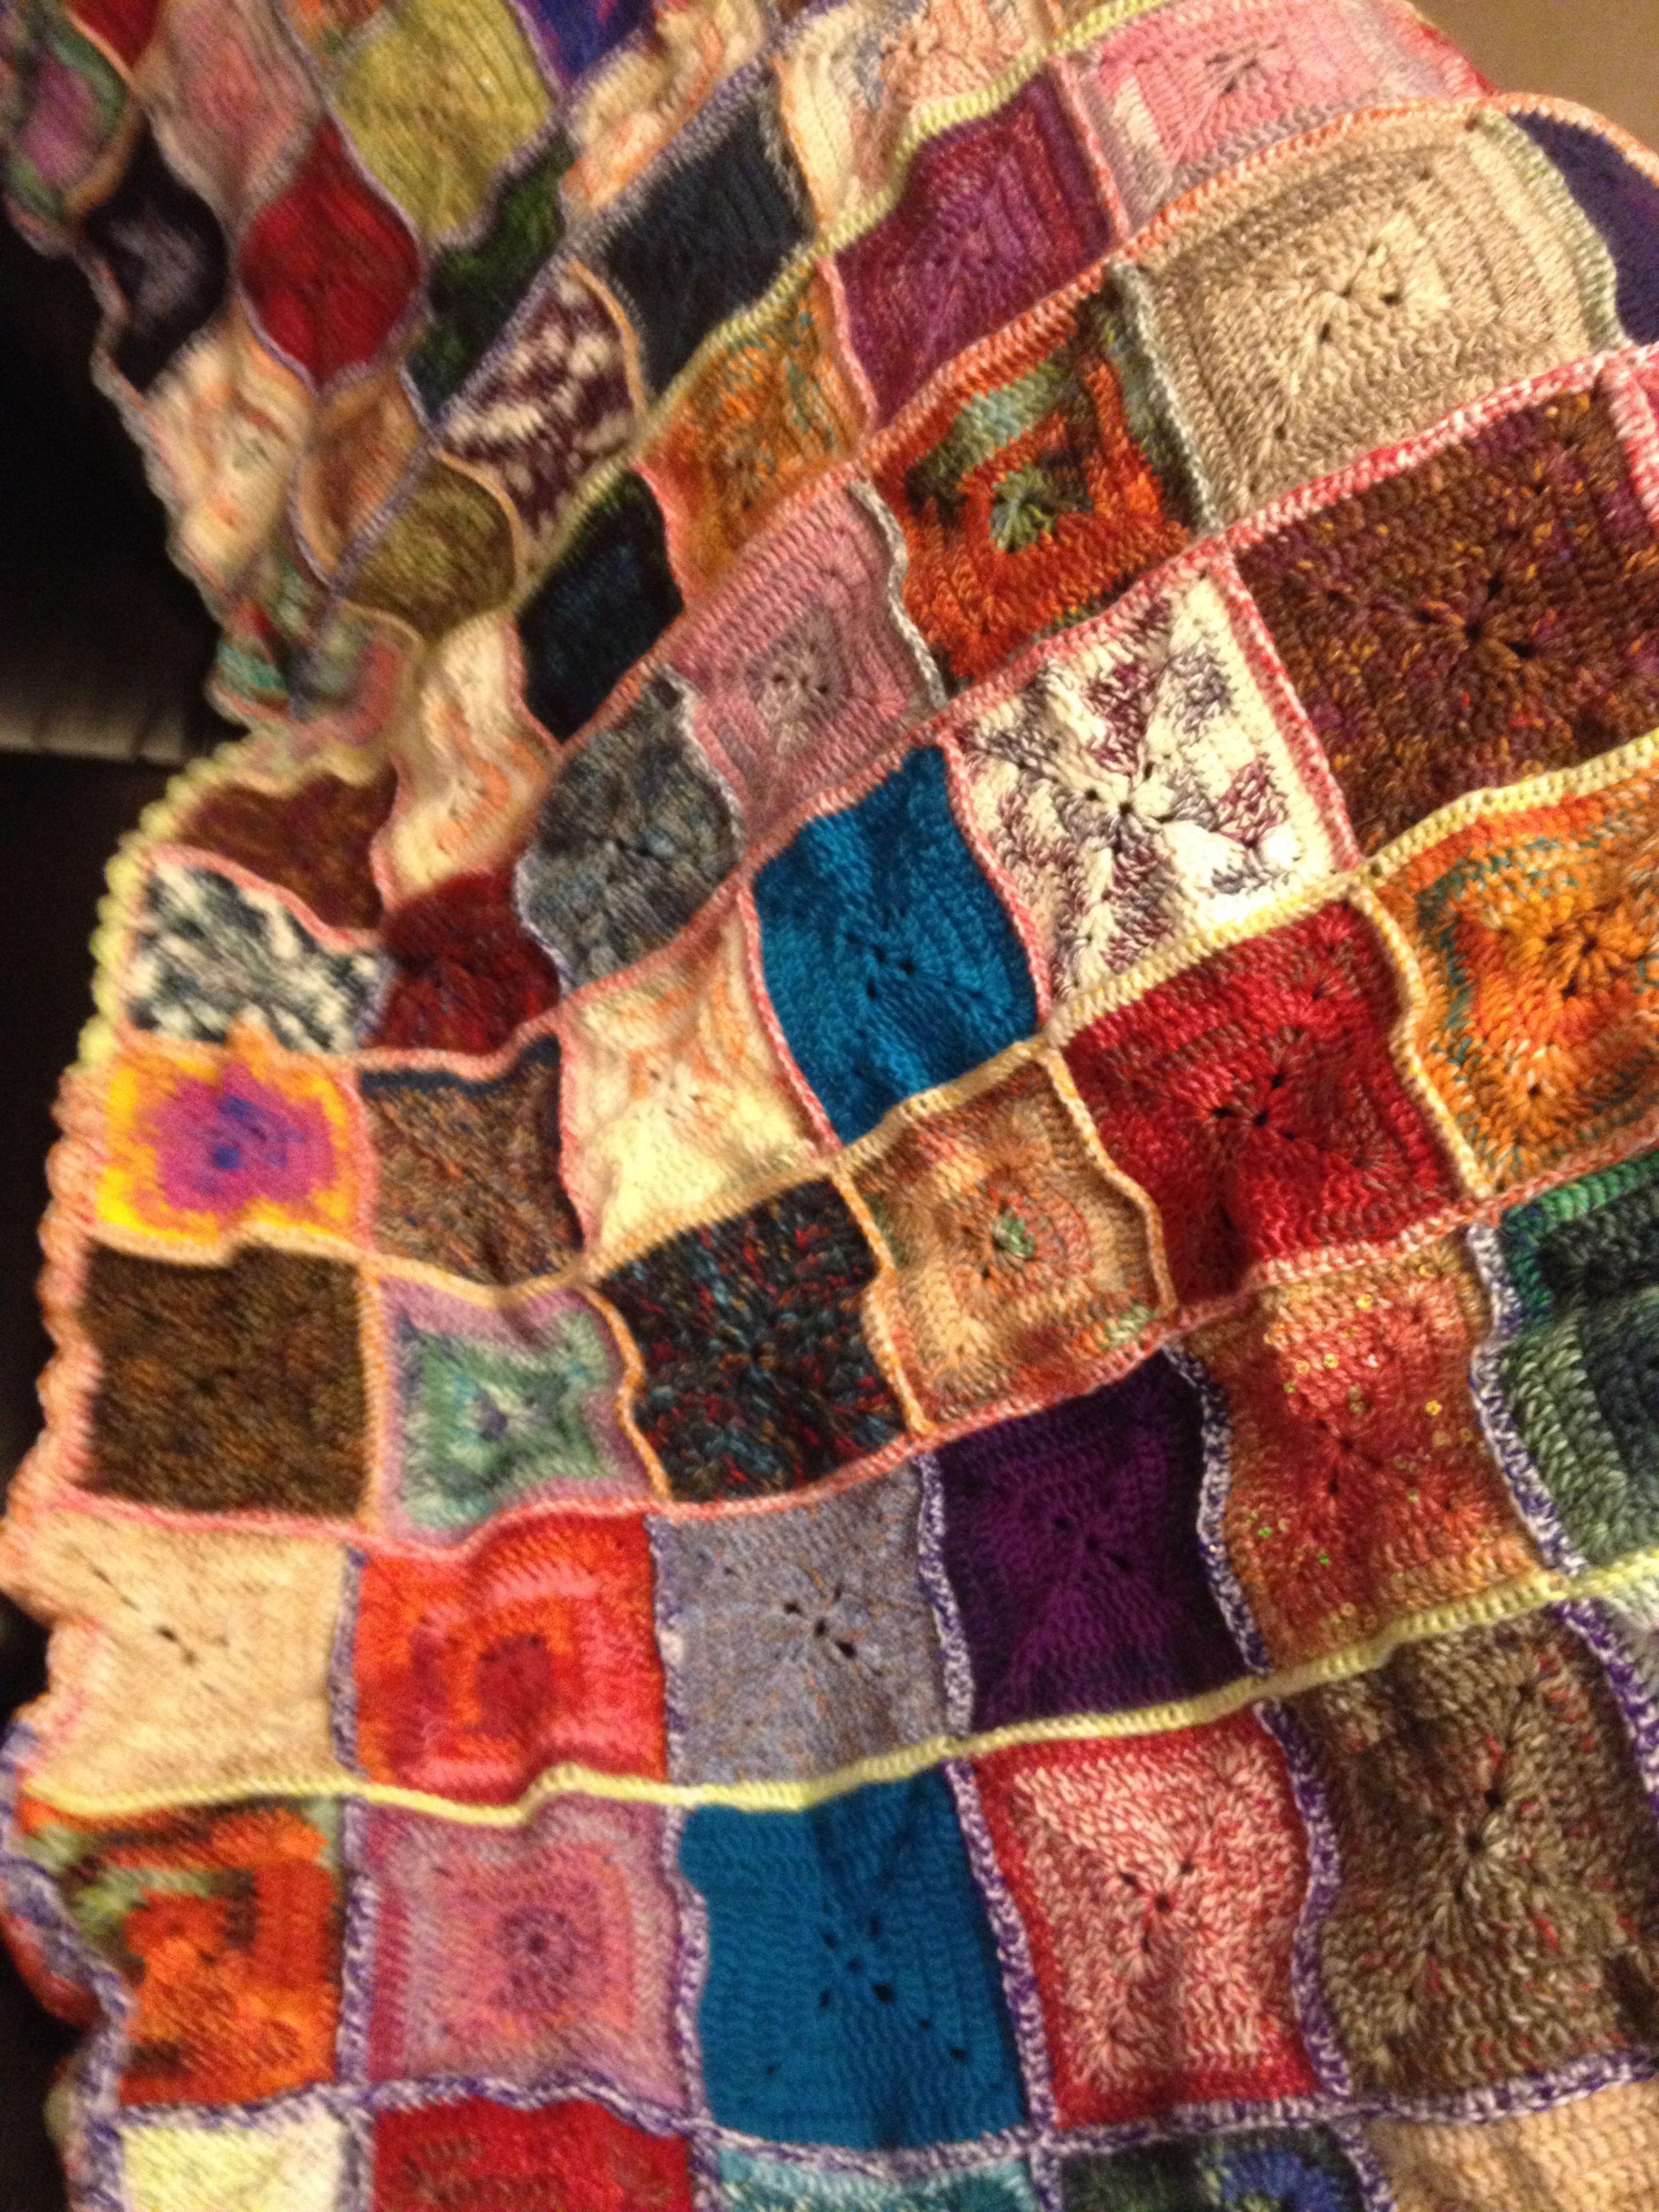 Crocheted blanket of many colors mane from left over sock yarn. By Jen denhertog